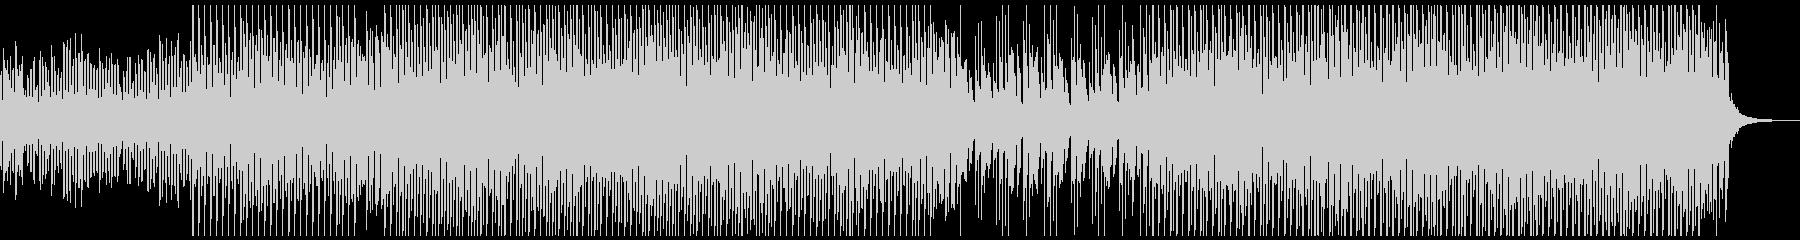 サンシャインポップミュージックの未再生の波形